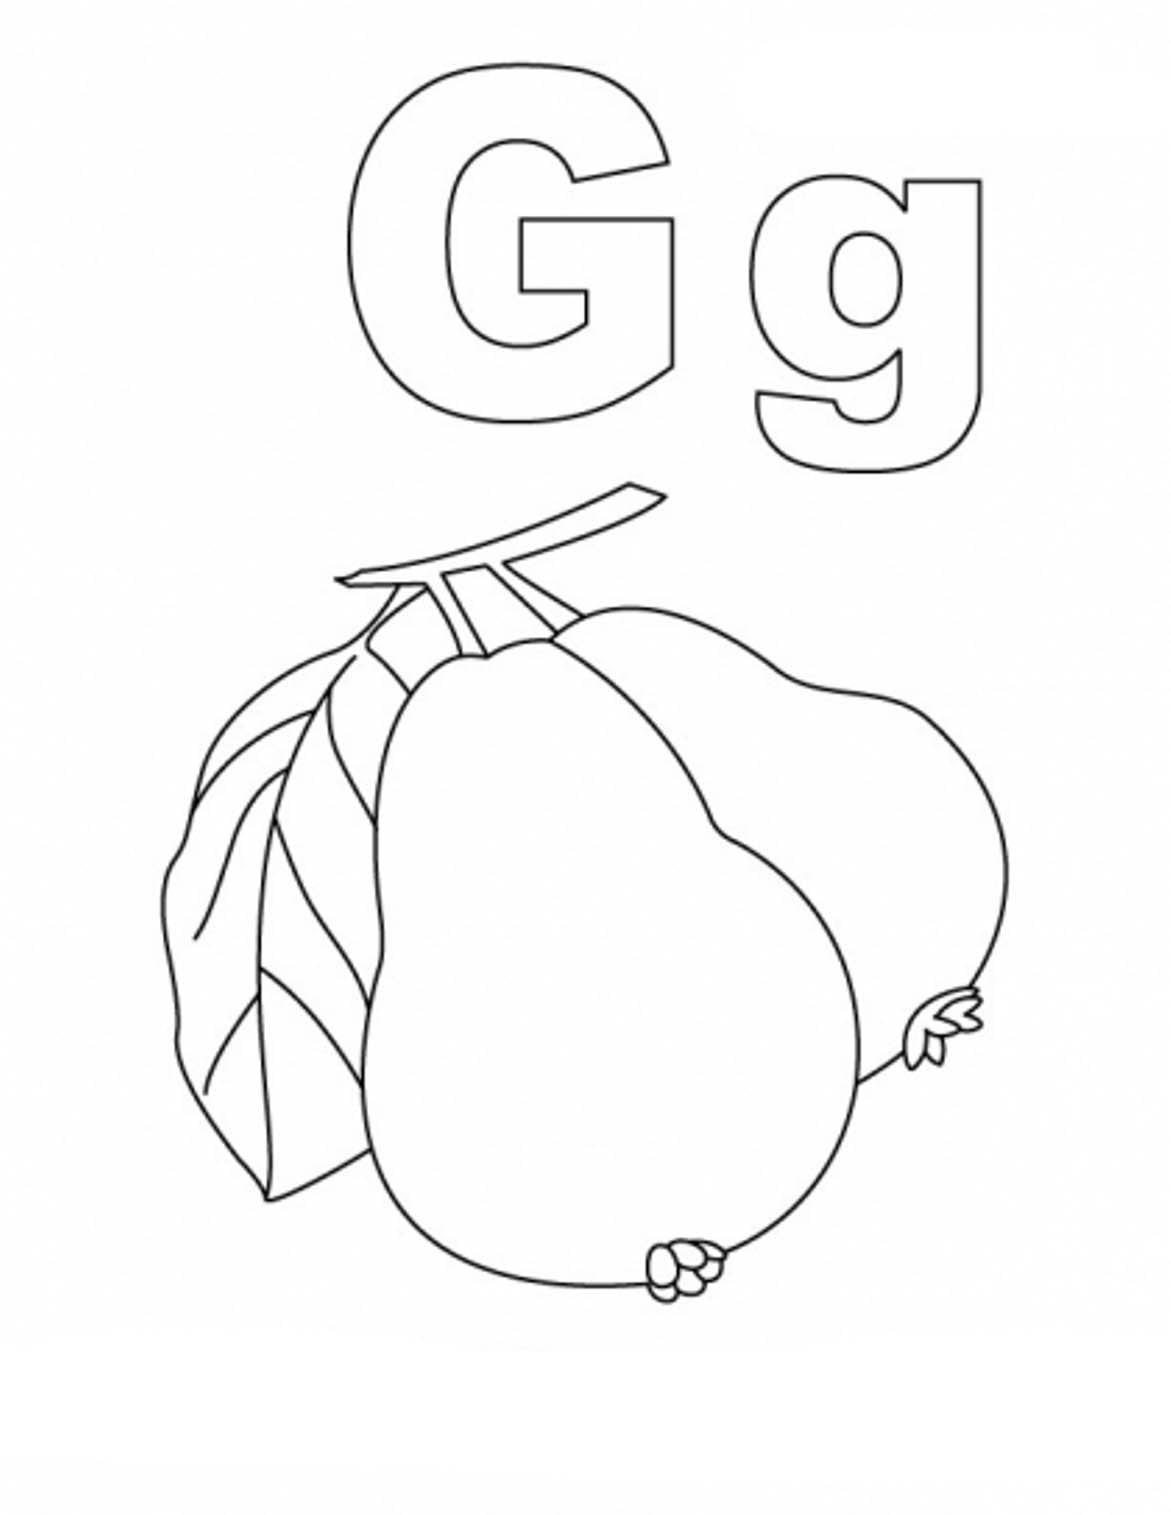 Desenho De Letra G De Goiaba Para Colorir